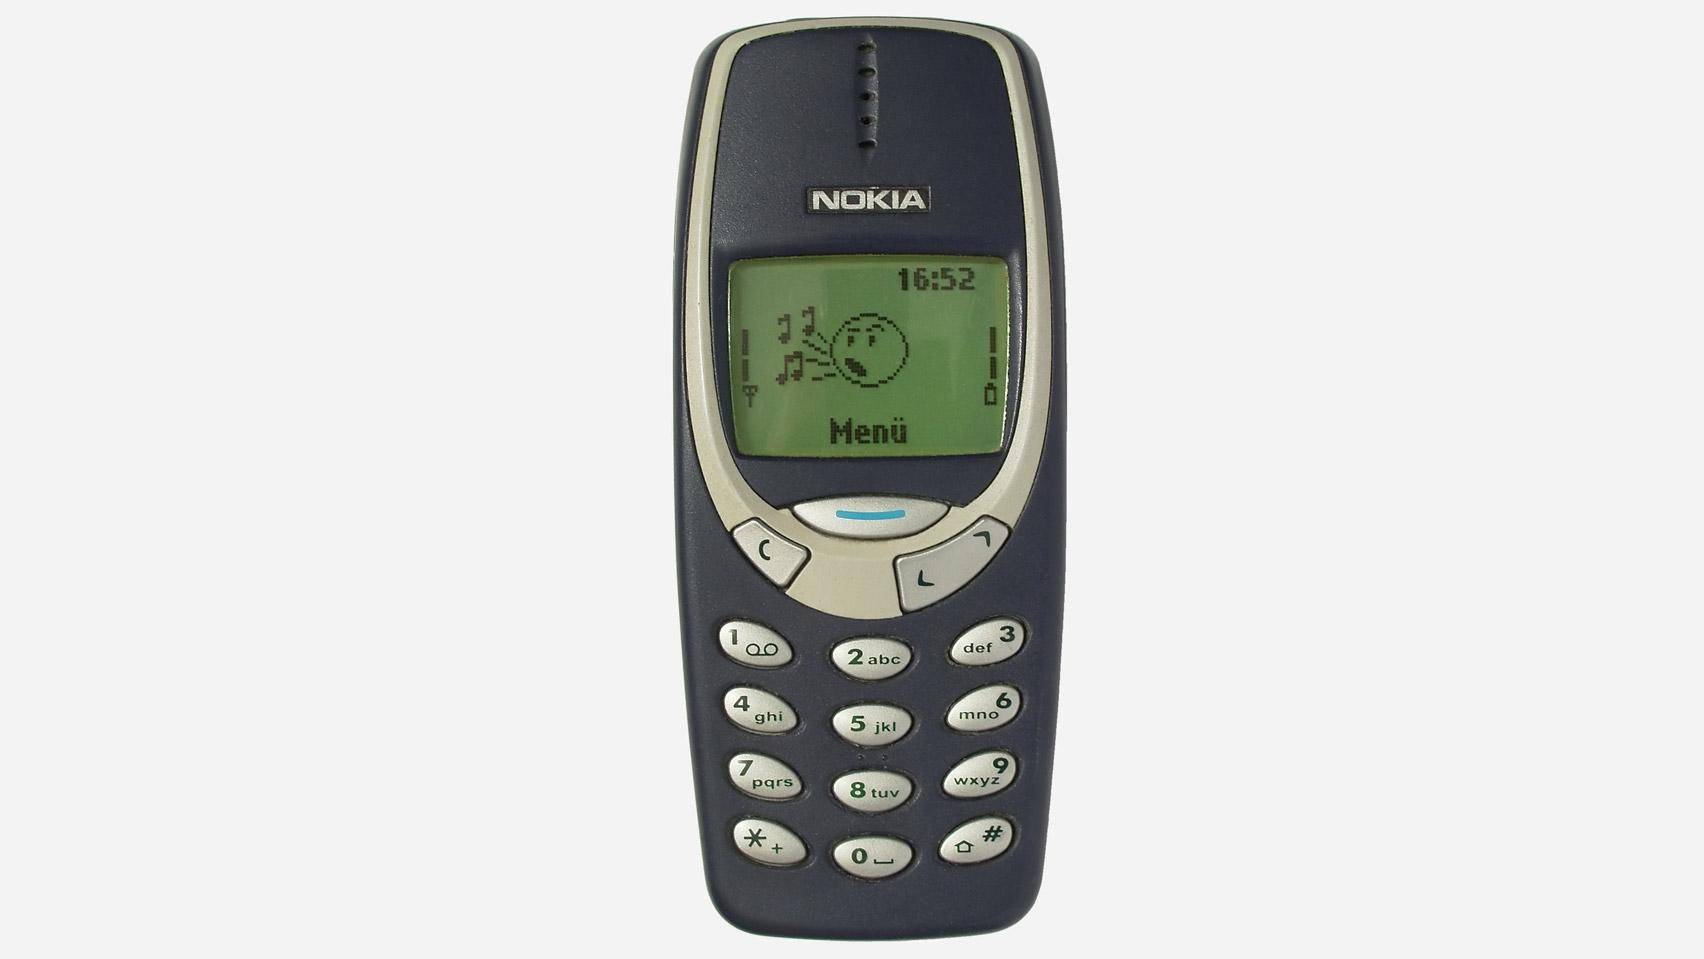 nokia flip phone 2000. nokia flip phone 2000